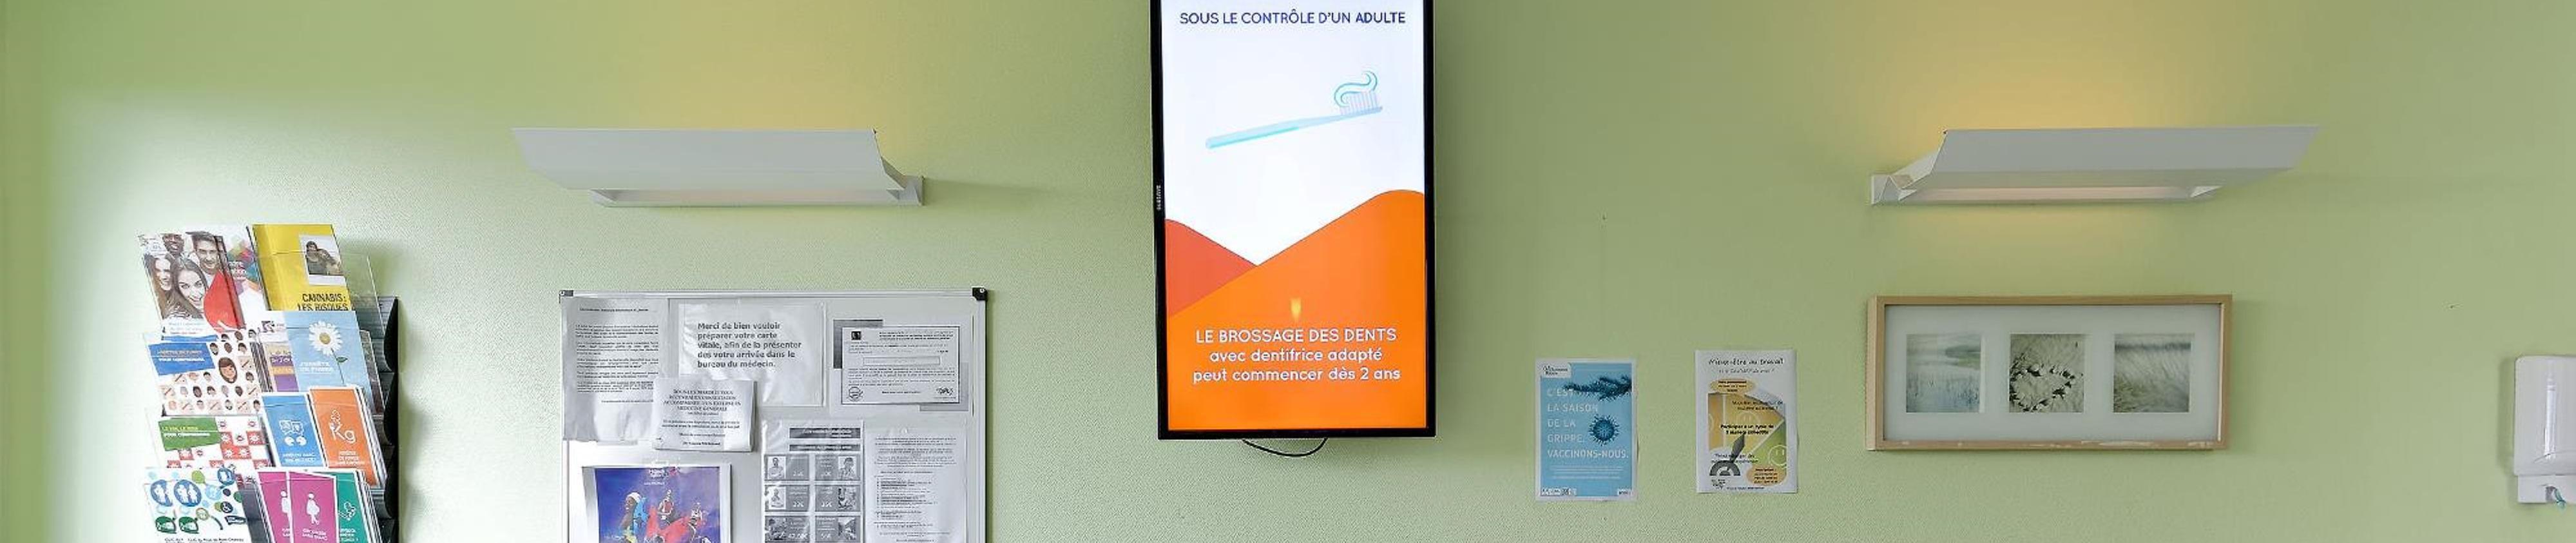 Assurance Prévention aux côtés des patients dans les Maisons de santé